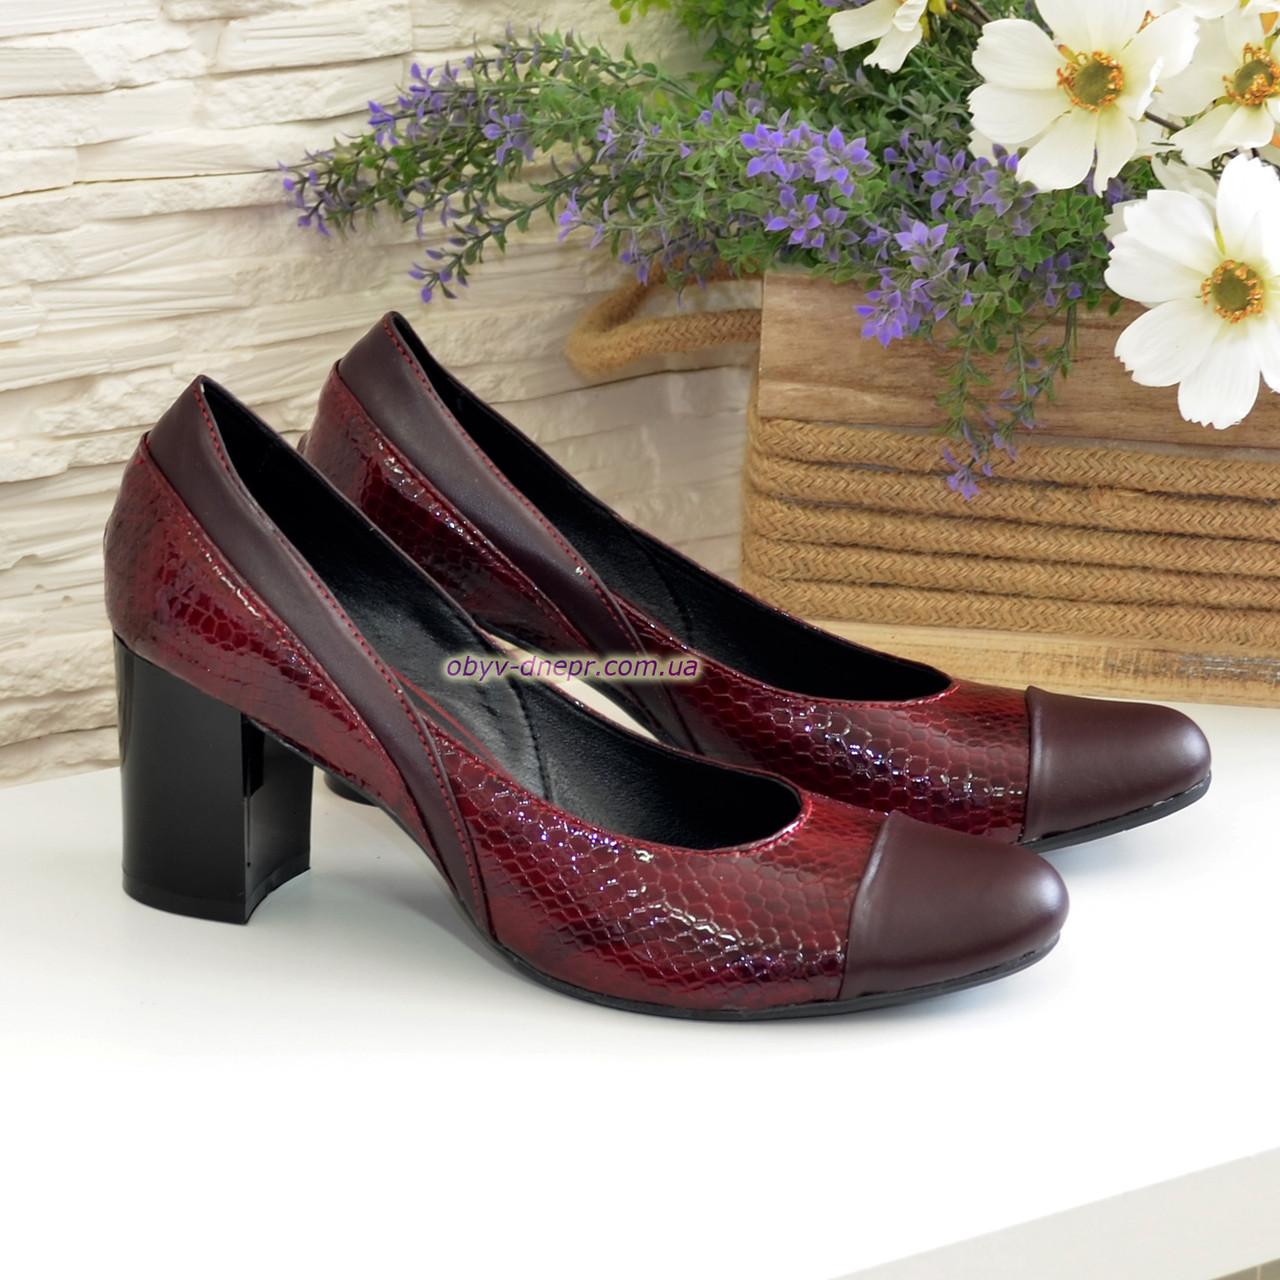 Женские туфли на устойчивом каблуке, цвет бордо